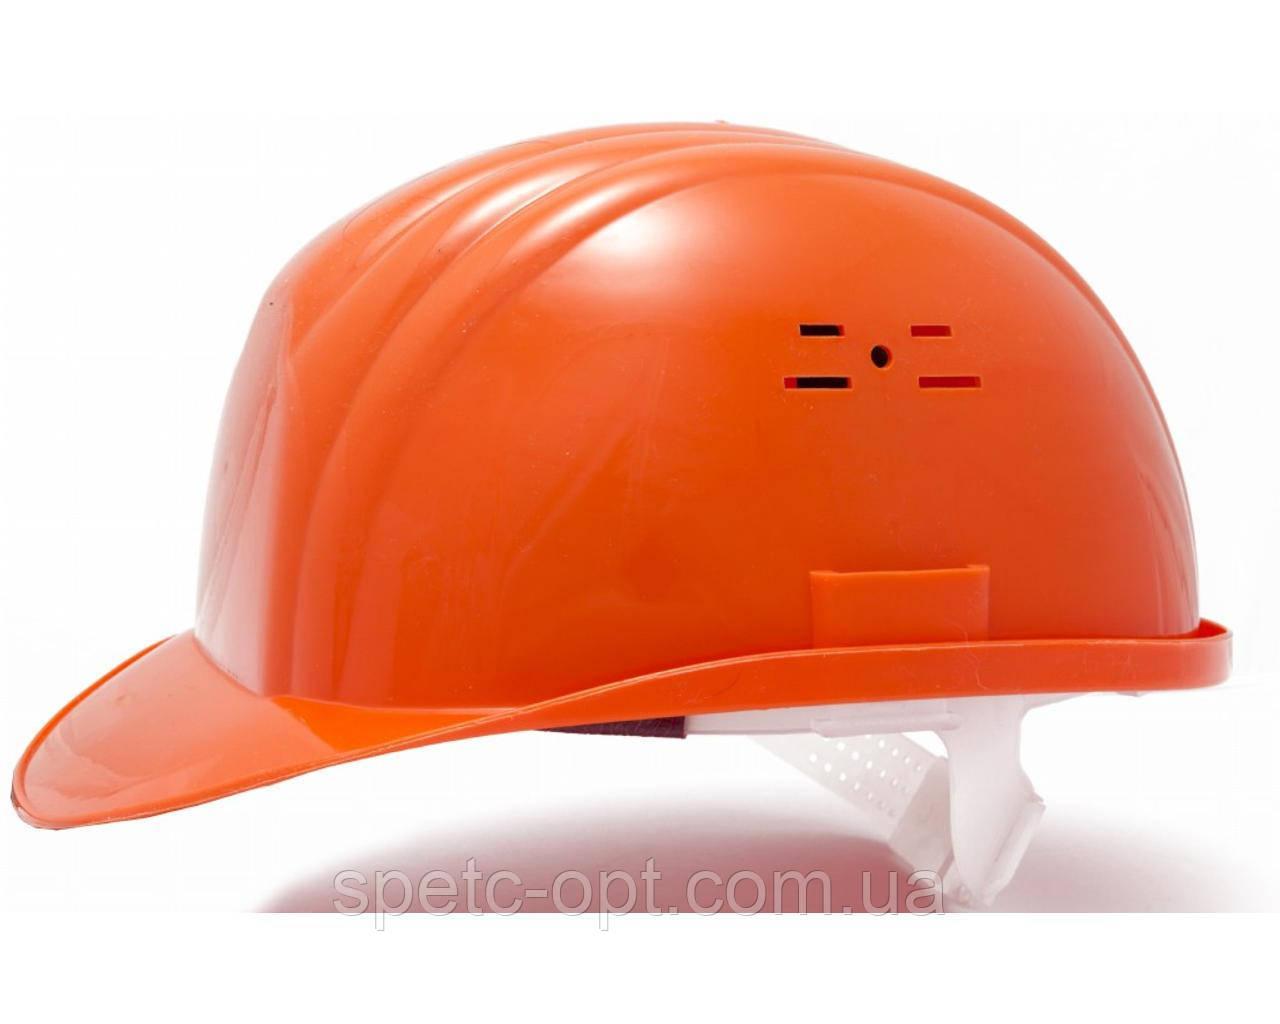 Каска строительная (оранжевая). Каска защитная.